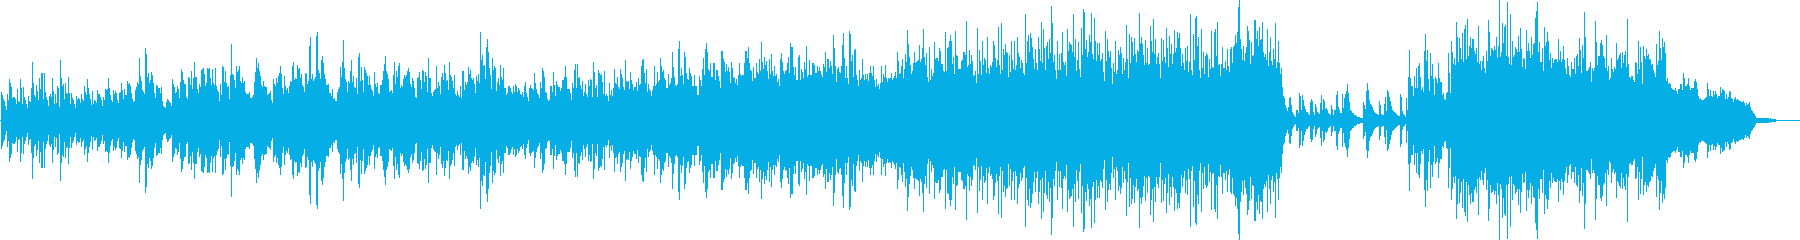 ノスタルジックで寂しい旋律のピアノ曲の再生済みの波形